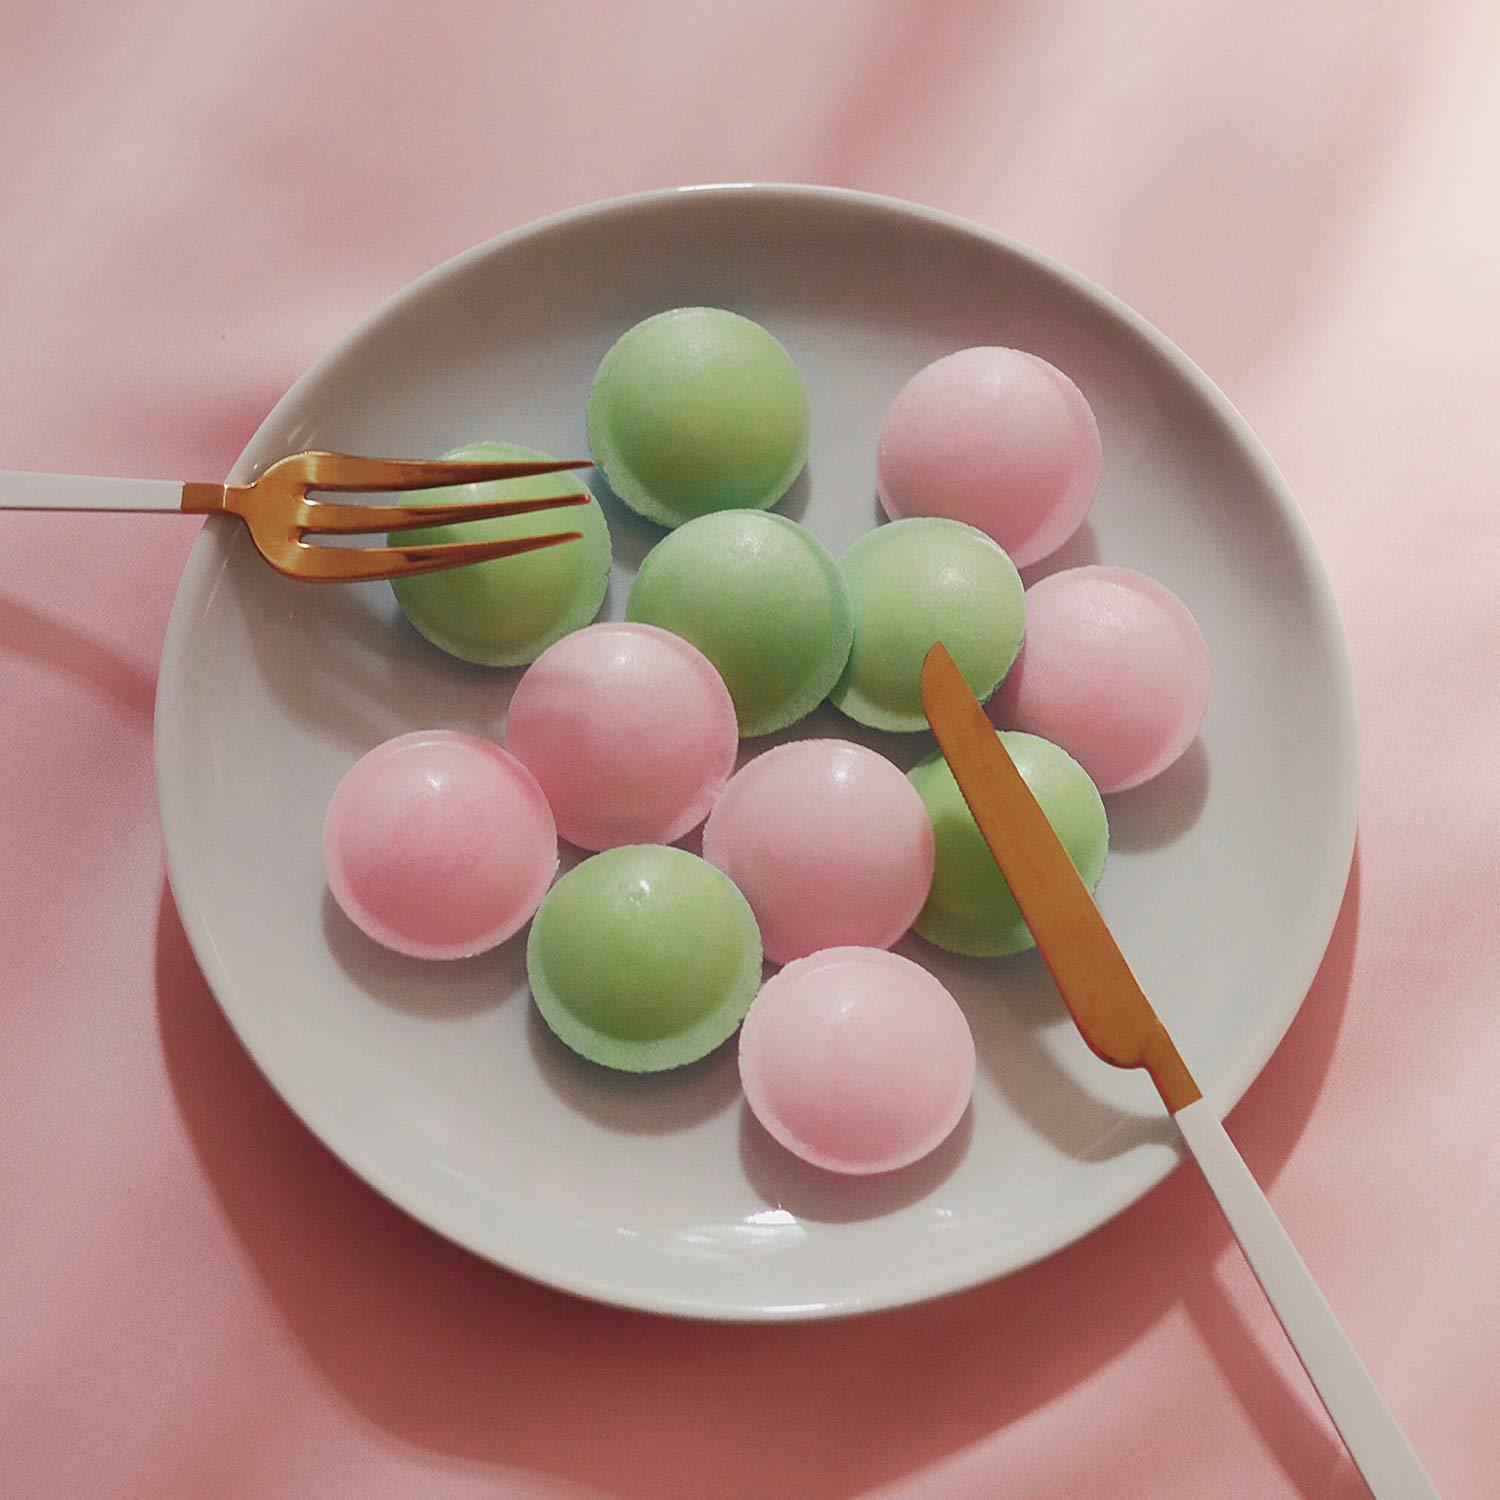 Zucker: Die süße Sucht